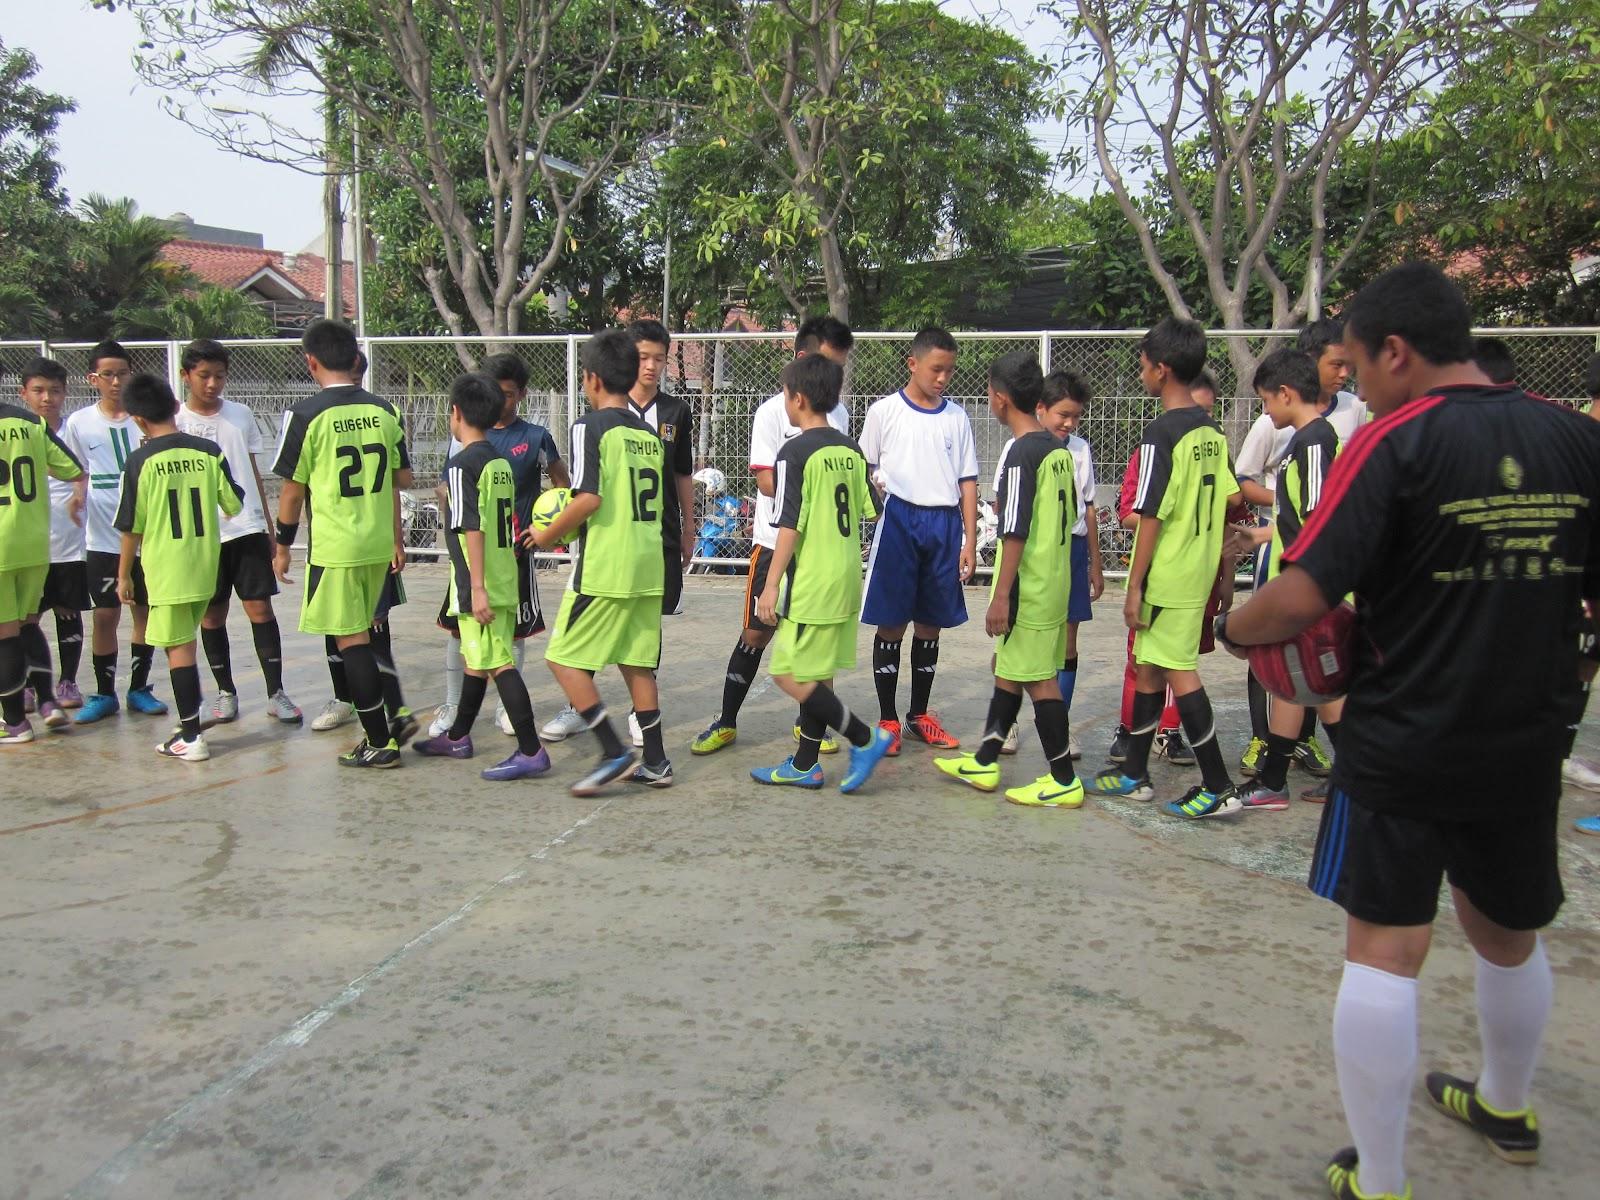 Pertandingan Persahabatan (Sparing) Futsal antara SMP Tunas Harapan